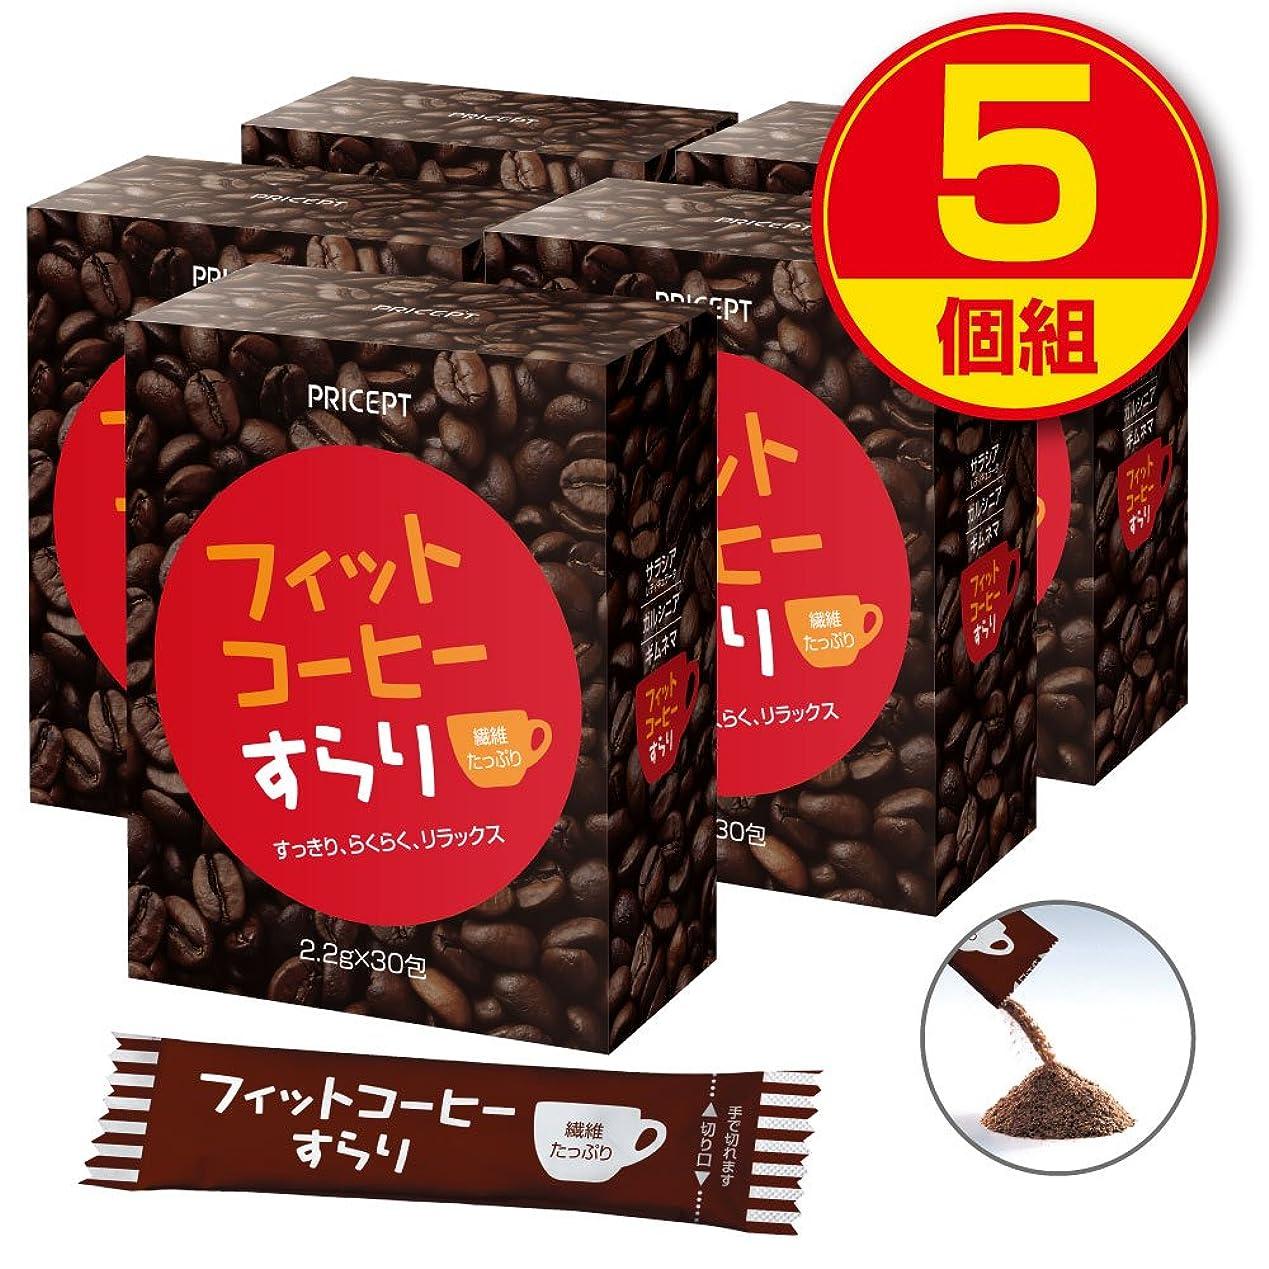 バウンス悪性の花婿プリセプト フィットコーヒーすらり 30包【5個組(150包)】(ダイエットサポートコーヒー)